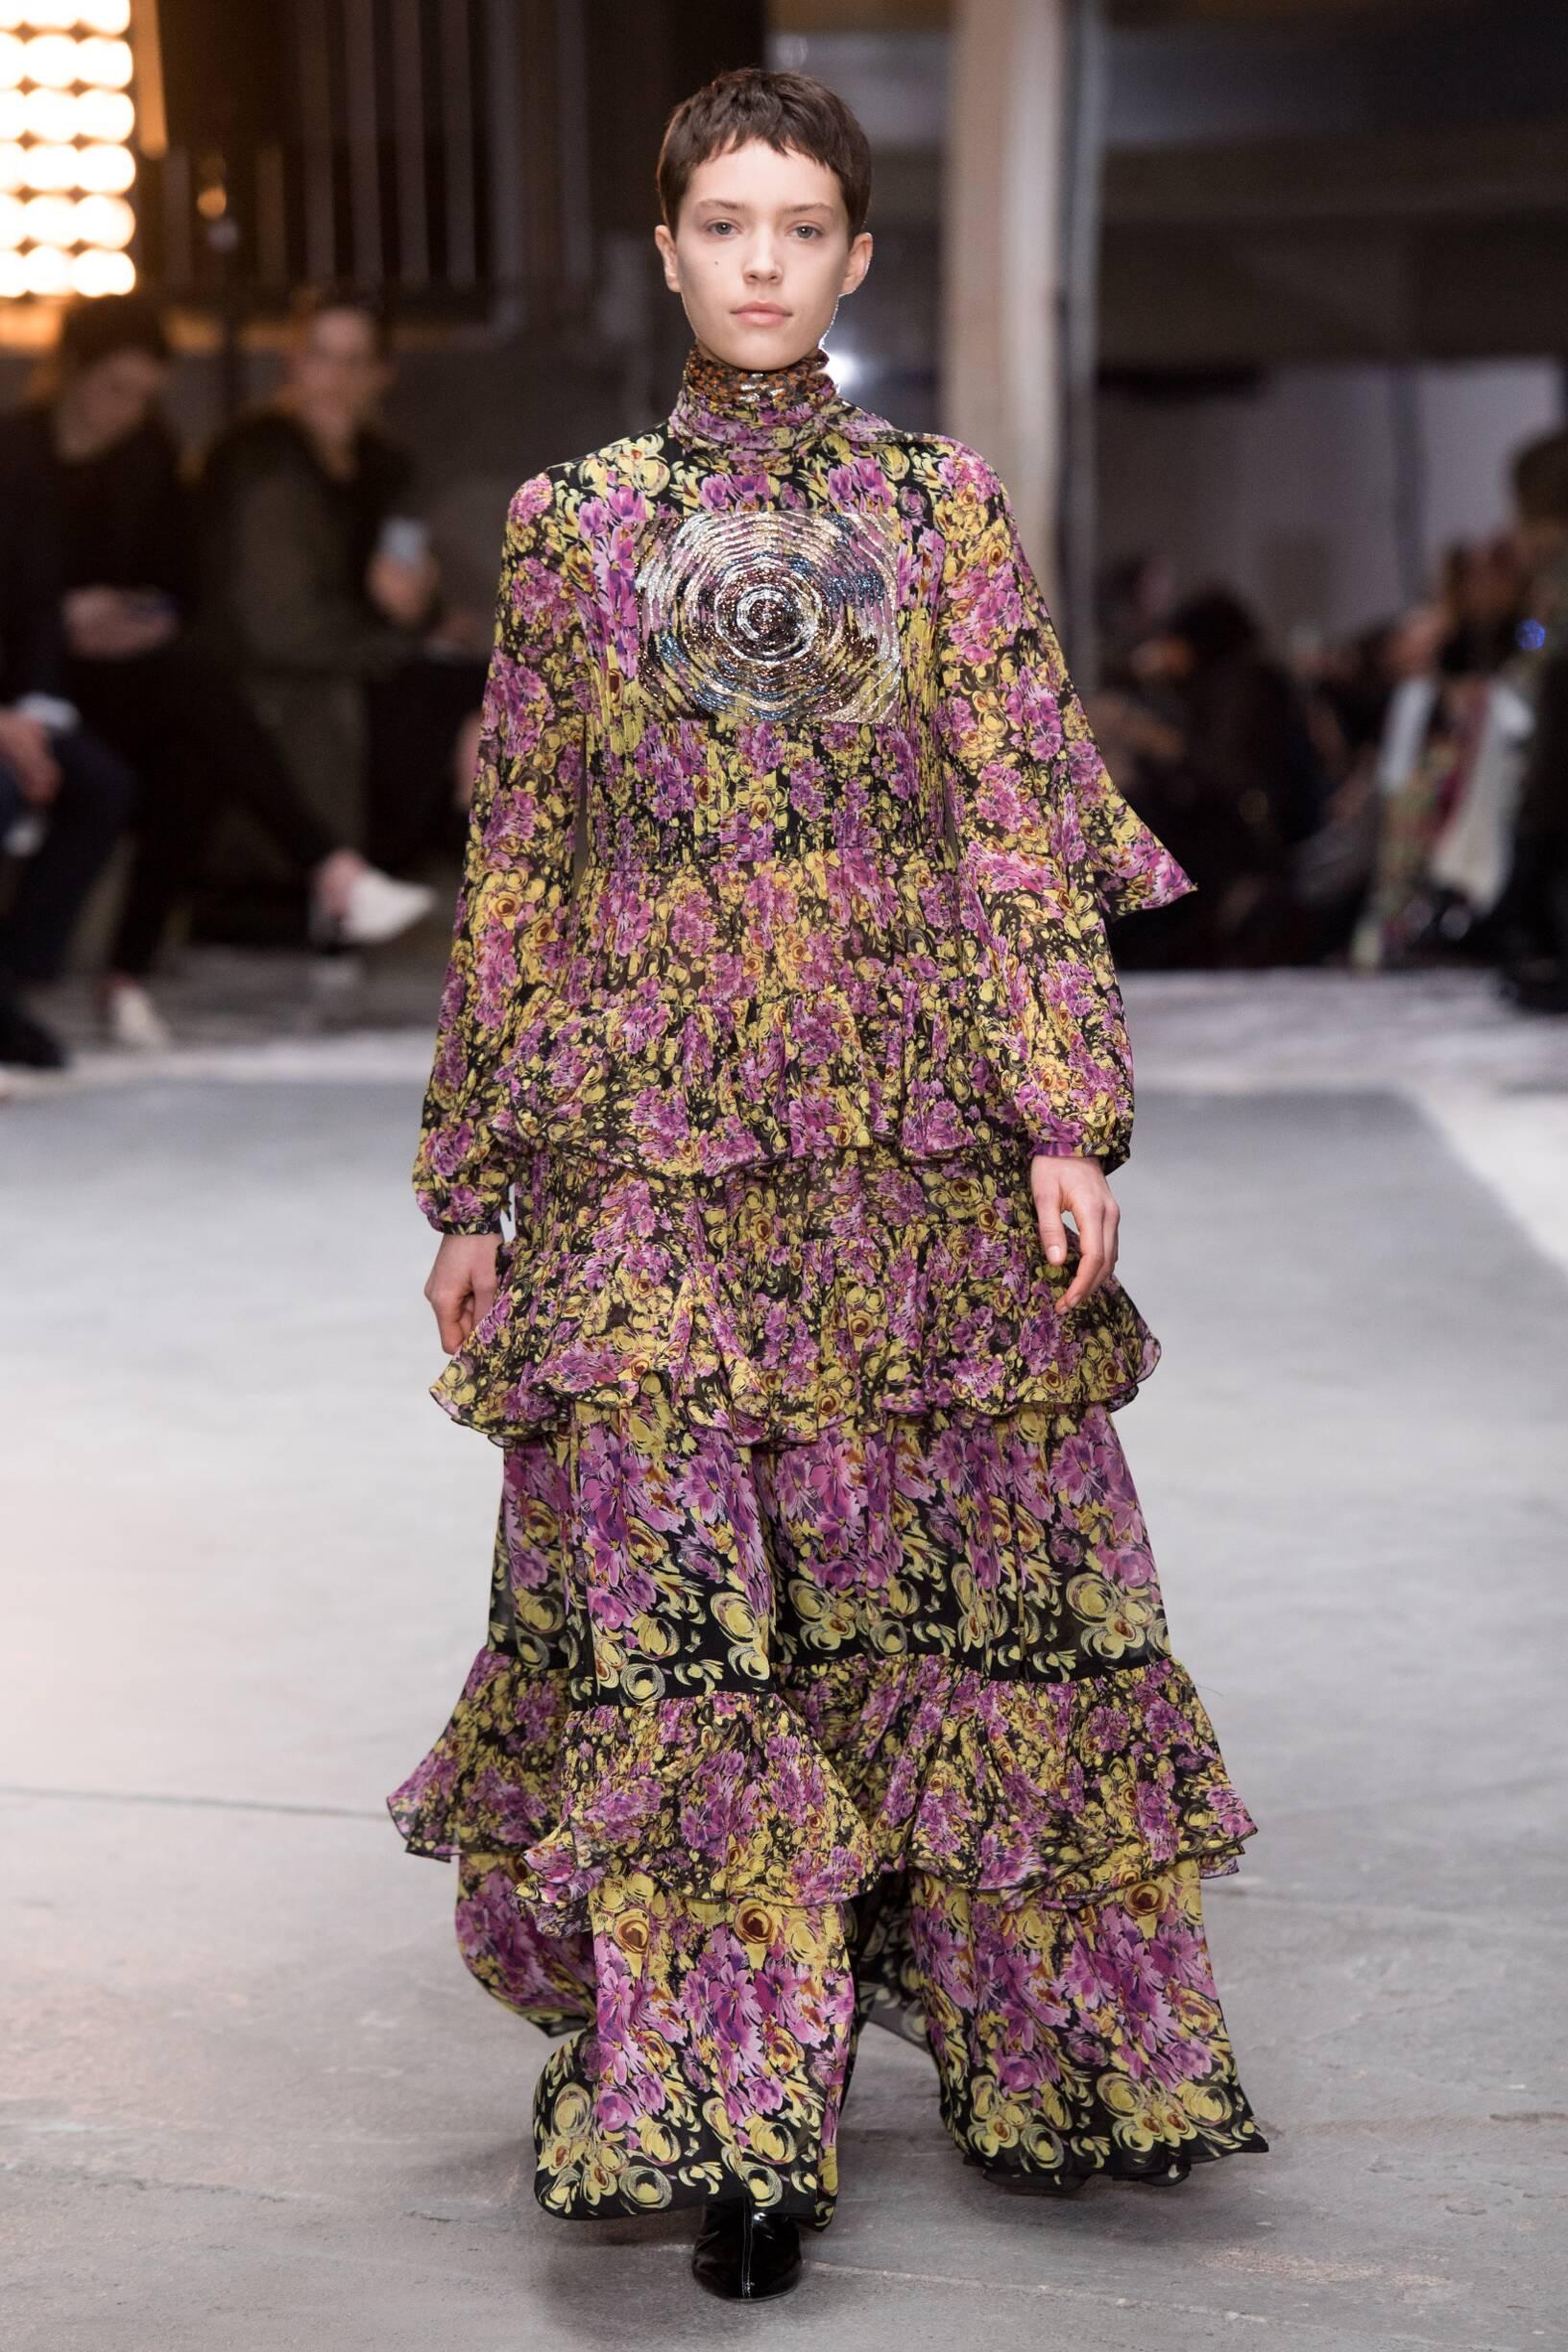 Fashion 2018-19 Woman Trends Giambattista Valli